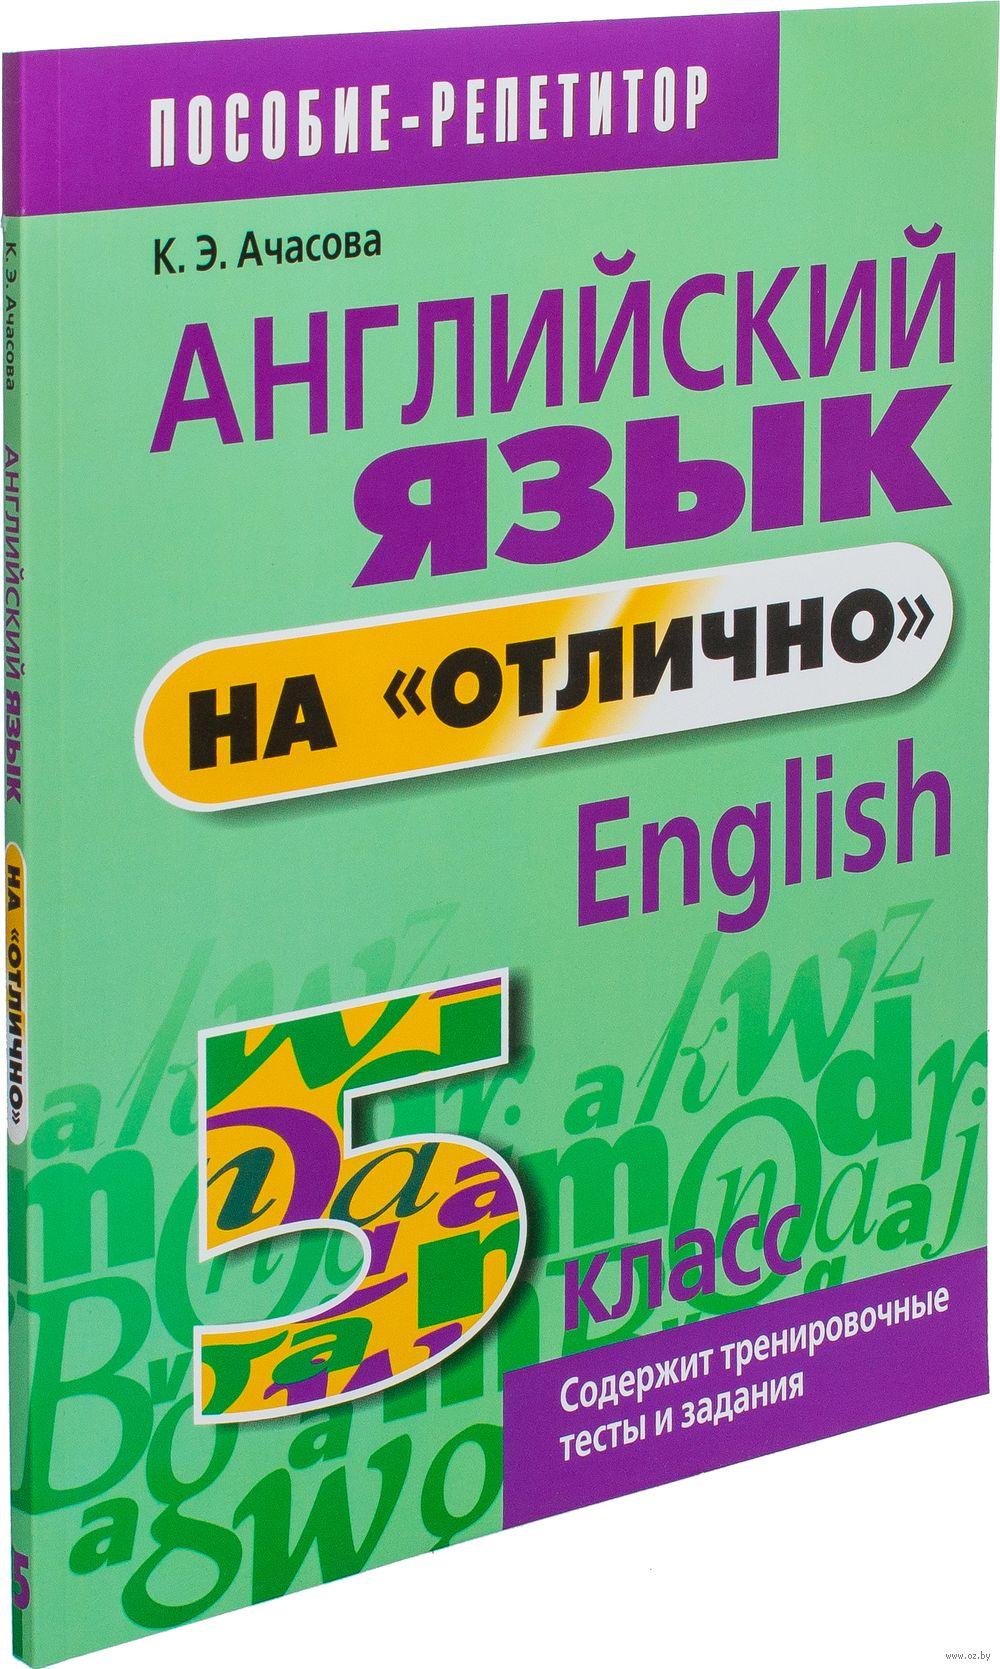 Школьная библиотека минск учебники для 5 класса скачать